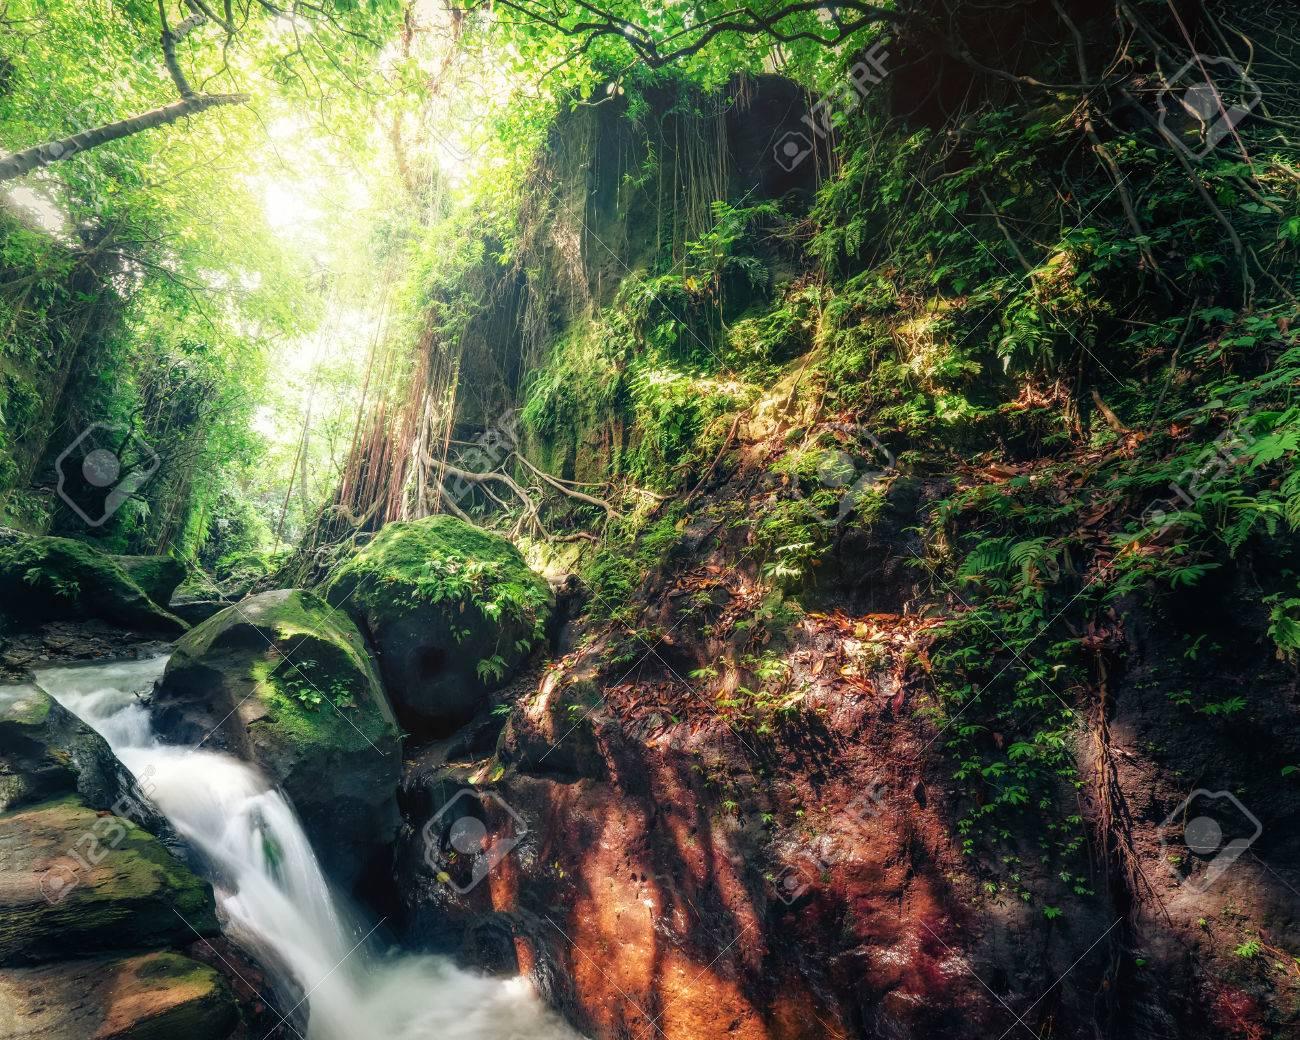 Verwonderend Indonesië Wilde Jungles. Verbazend Mysterie Regenwoud Landschap EQ-59